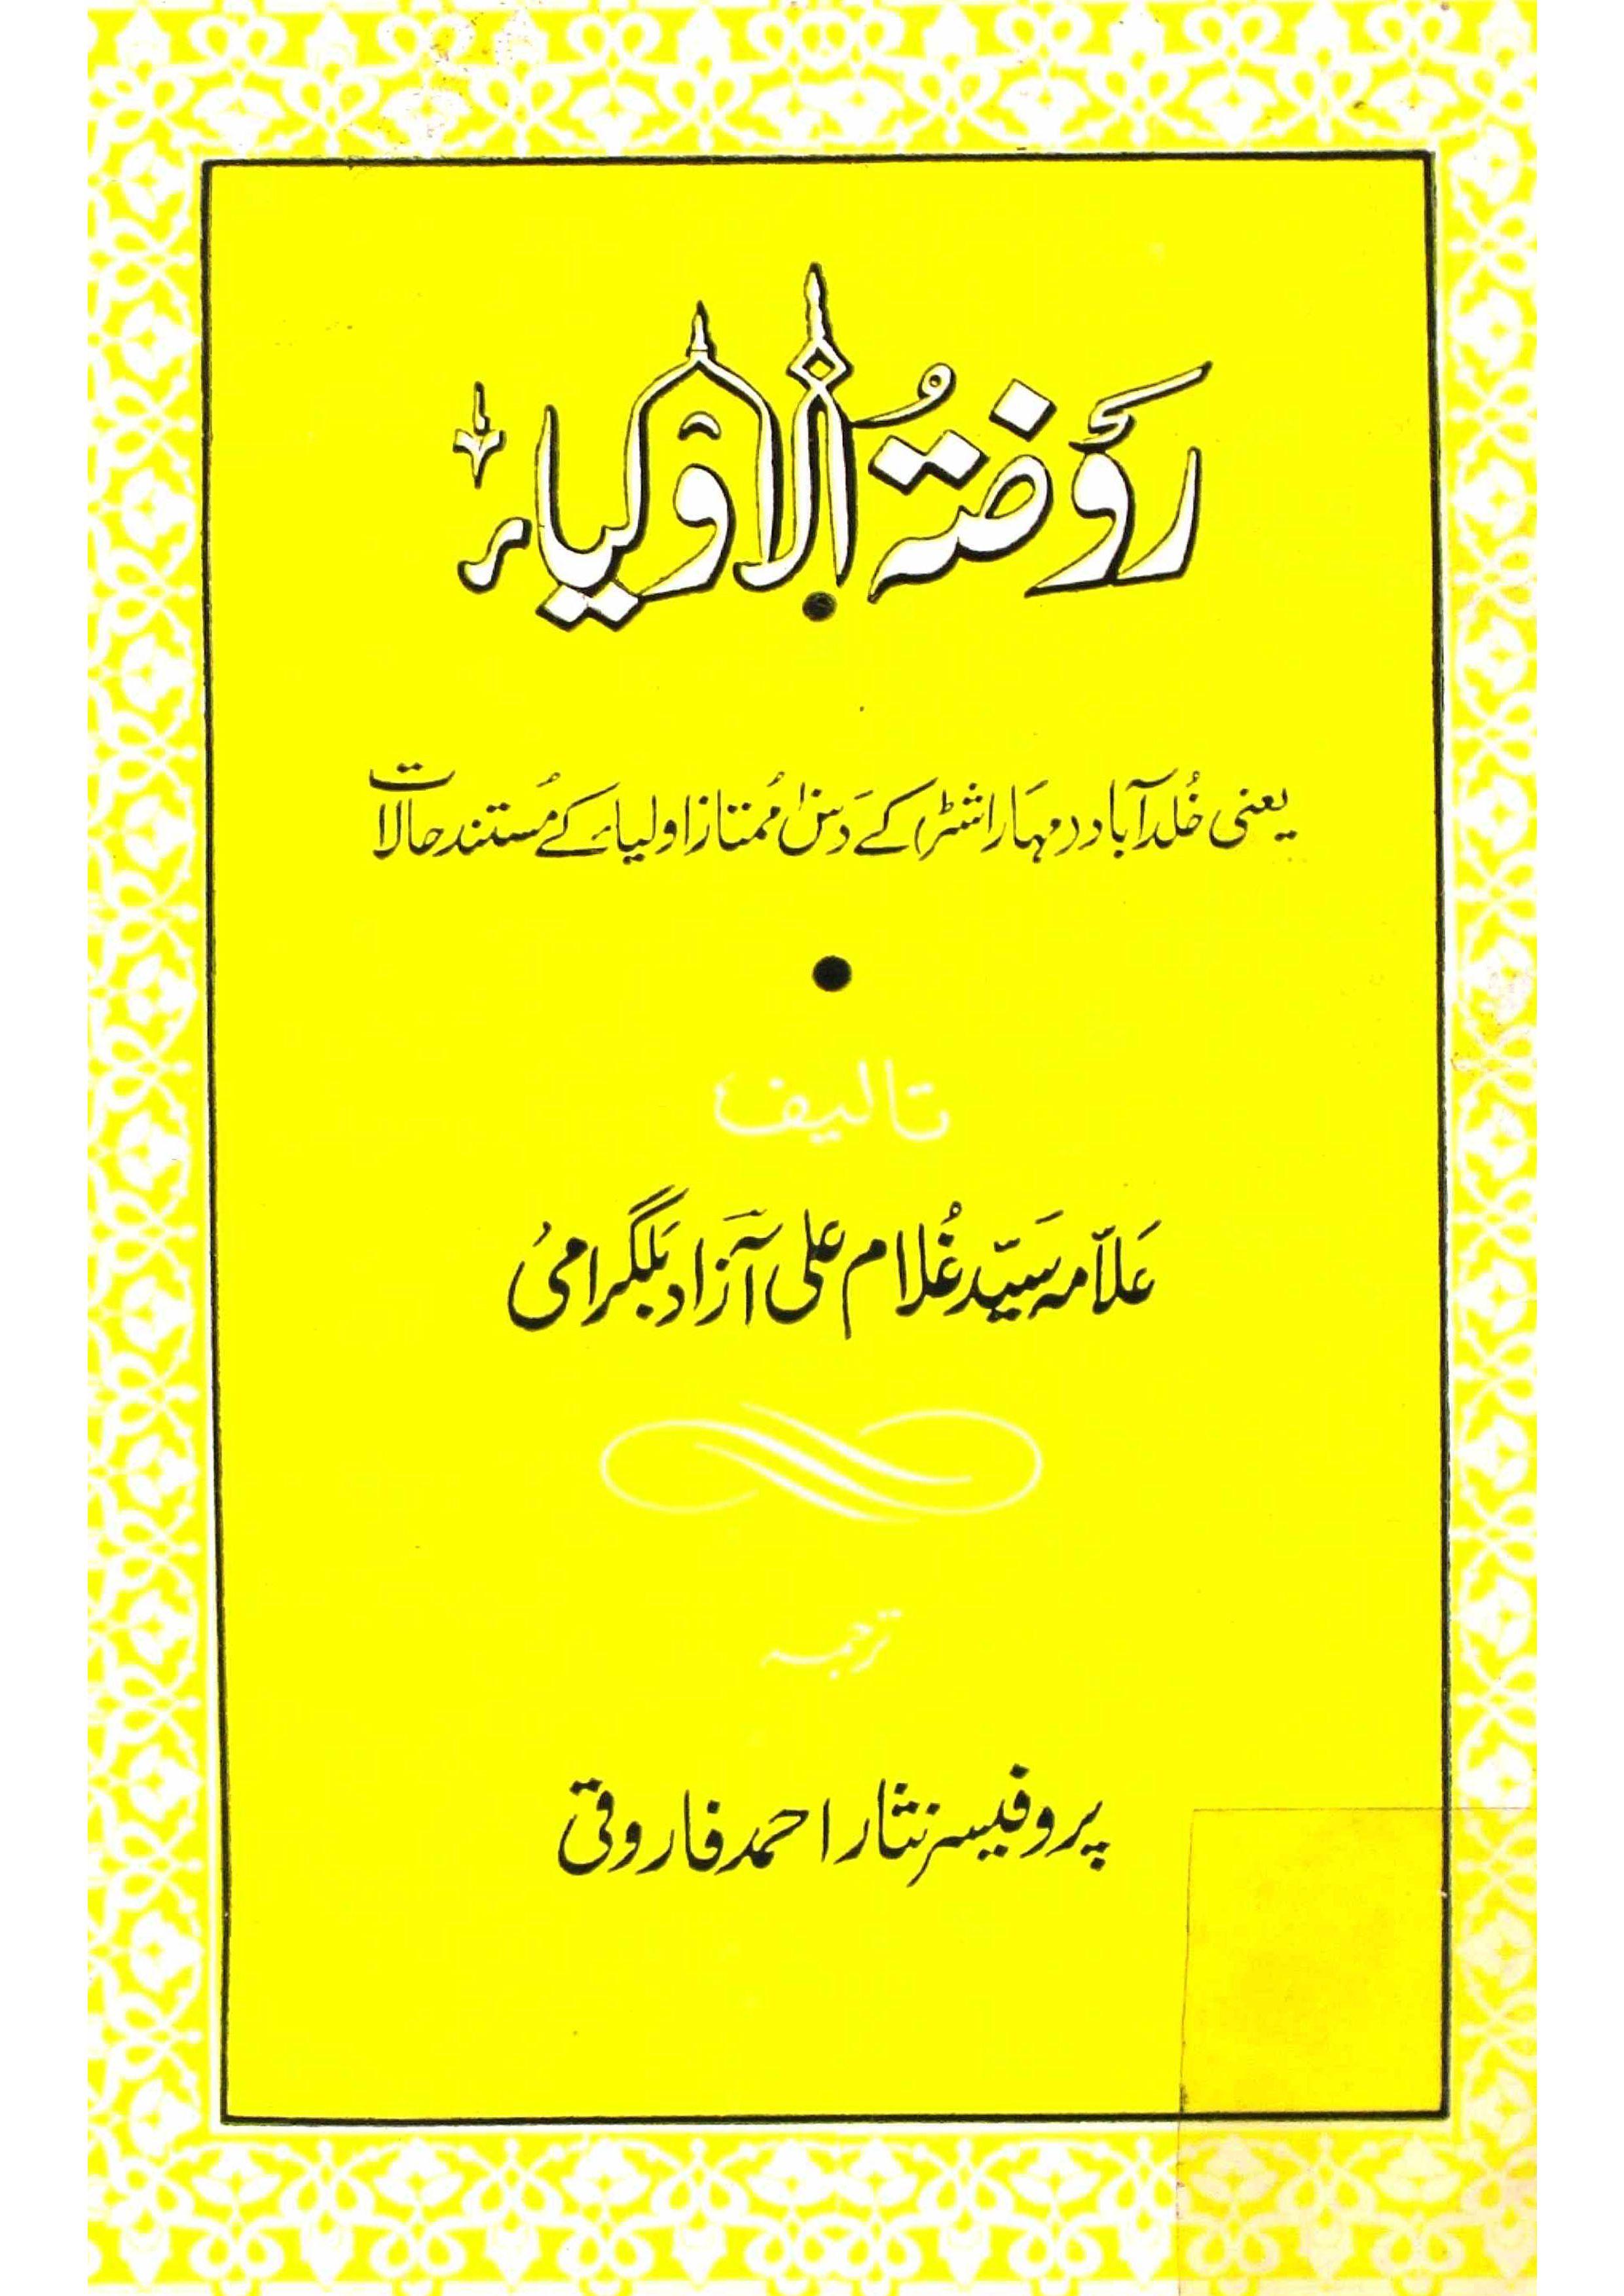 Rauzatul Auliya